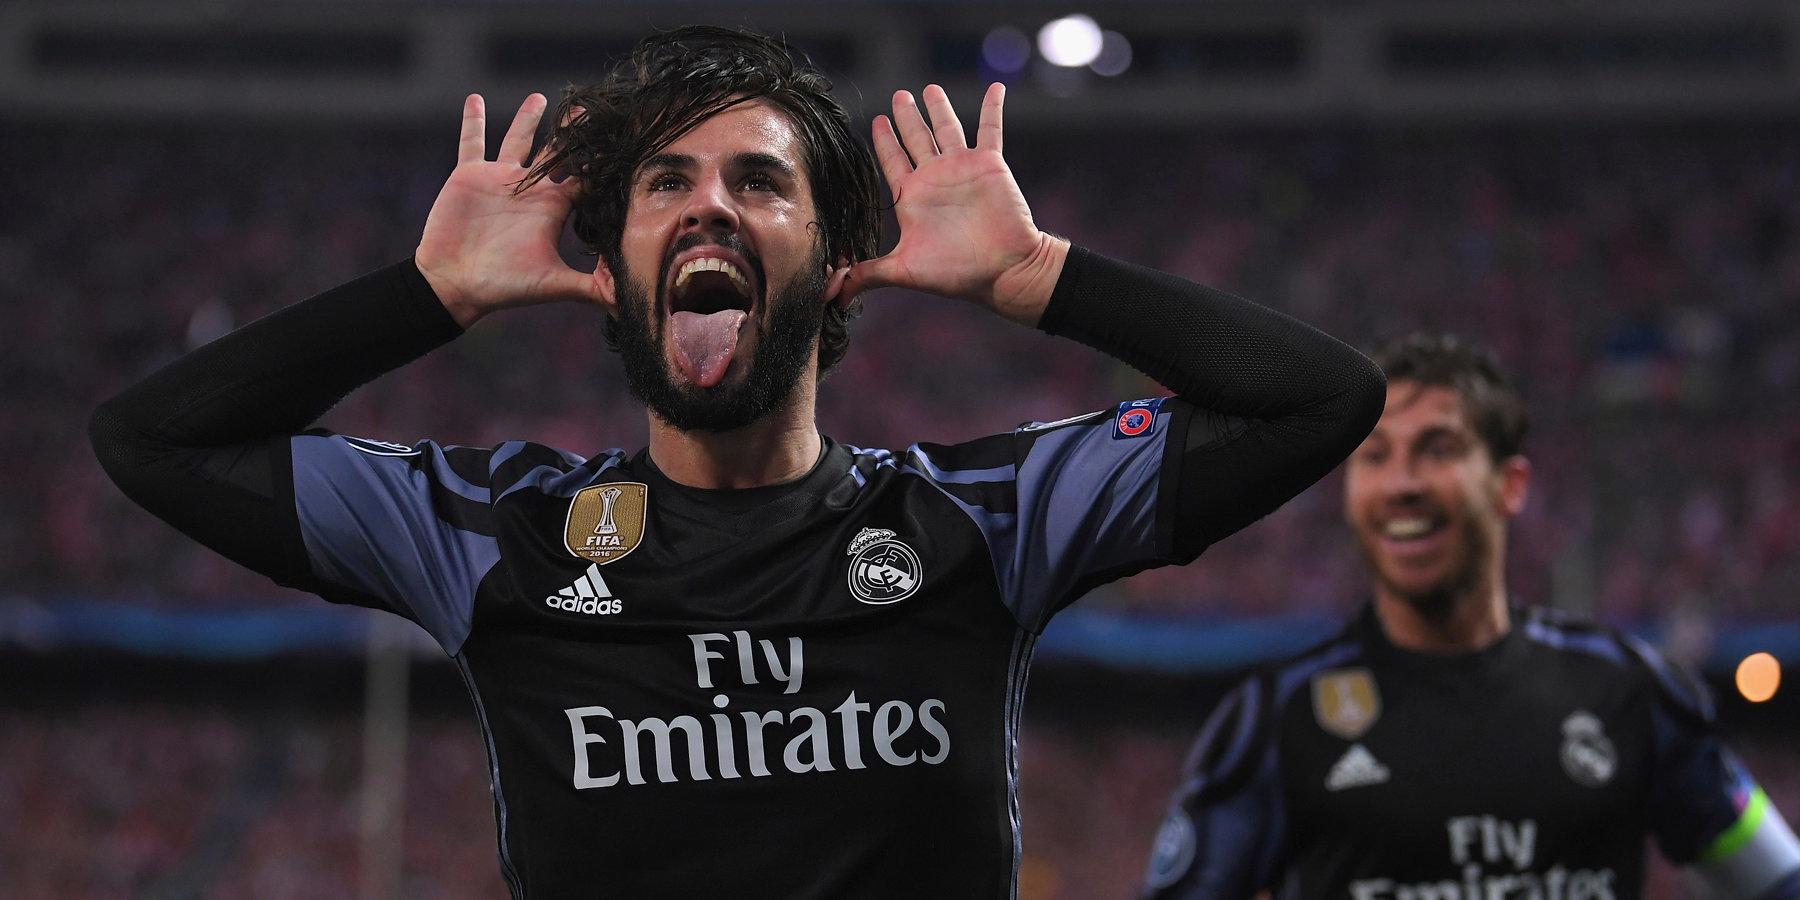 «Реал» прописал вконтракте сфутболистом отступные вразмере 700 миллионов евро